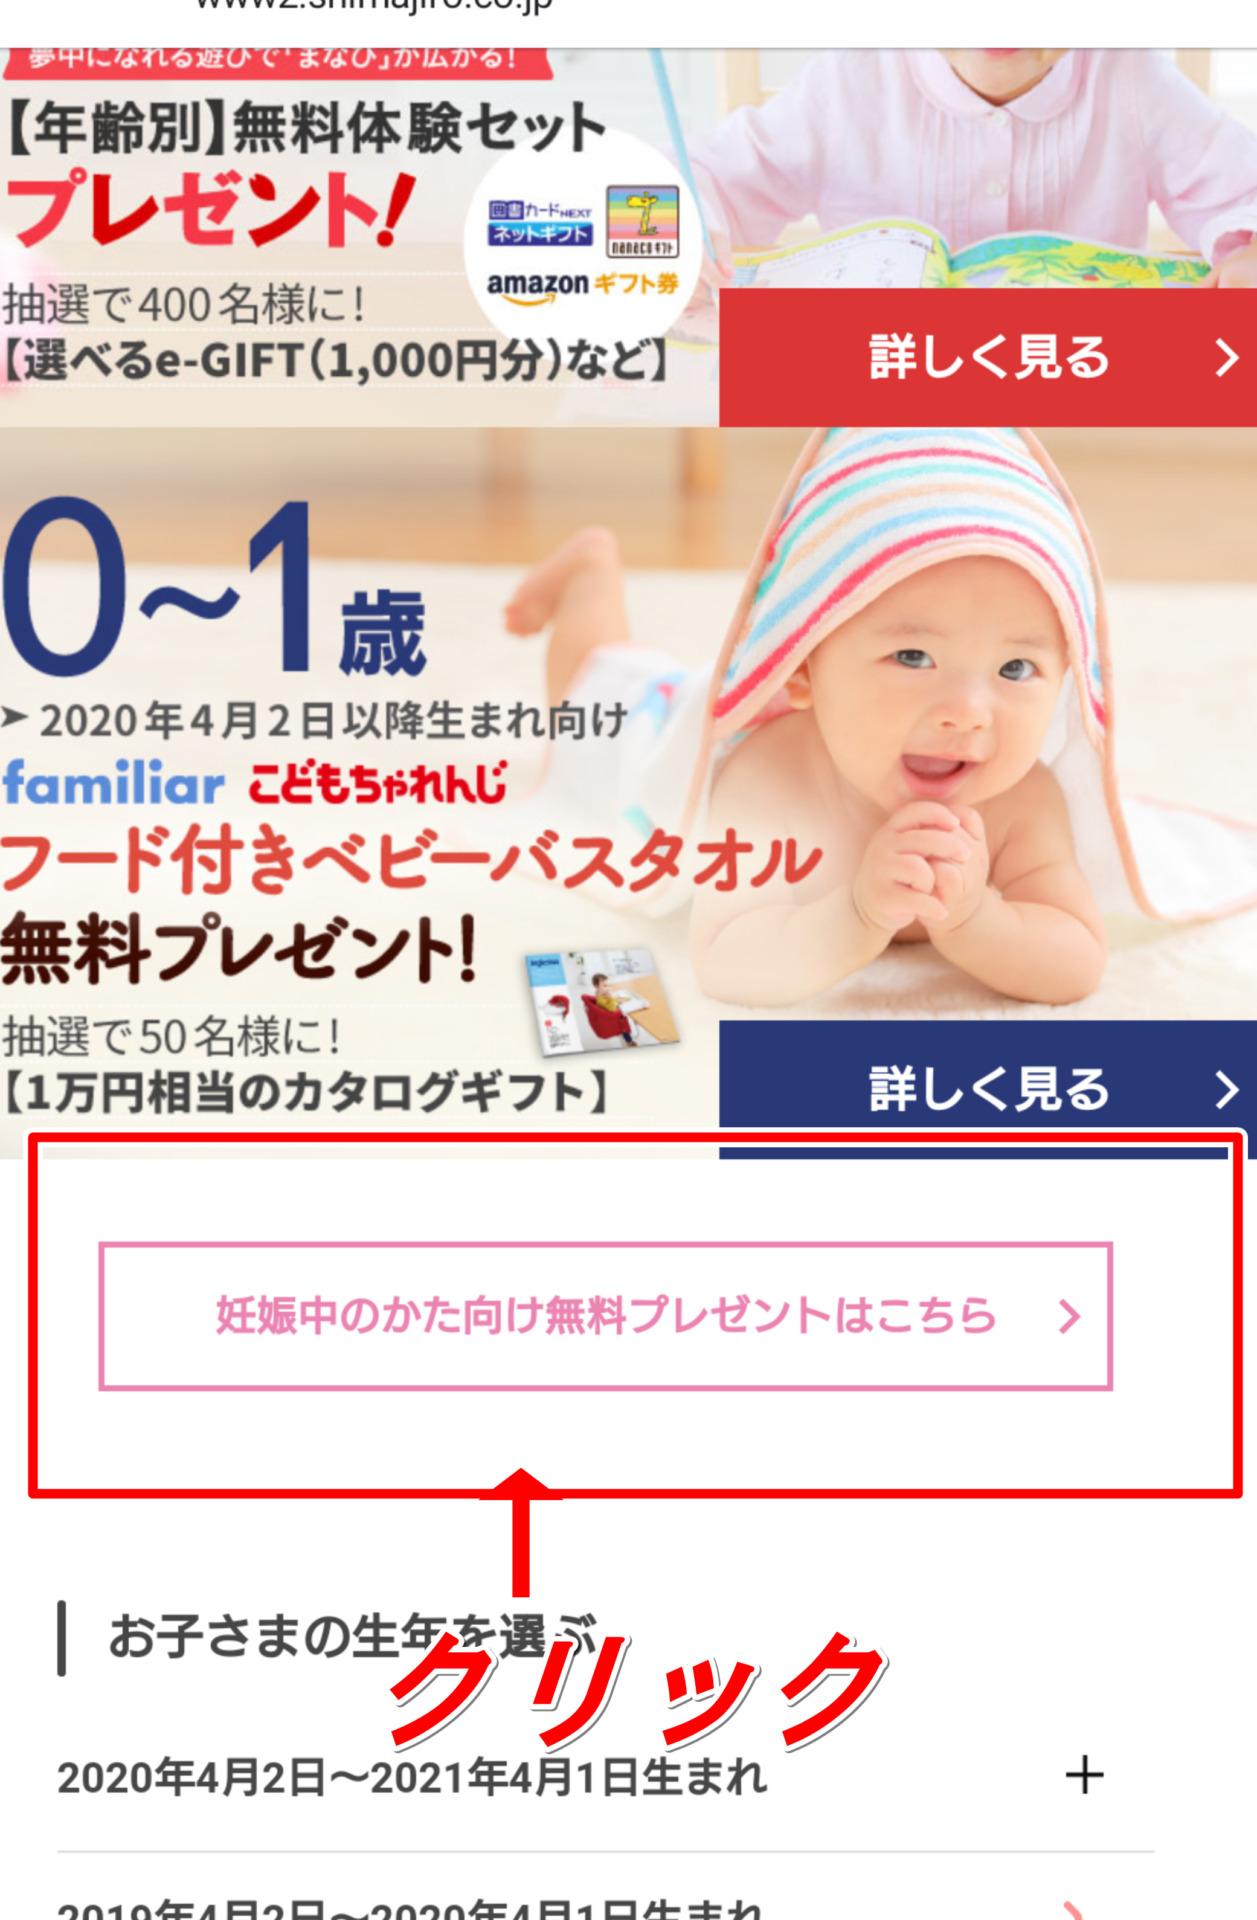 こどもちゃれんじで妊娠中の方限定の無料 激カワ プレゼントをもらう方法(1200円相当)